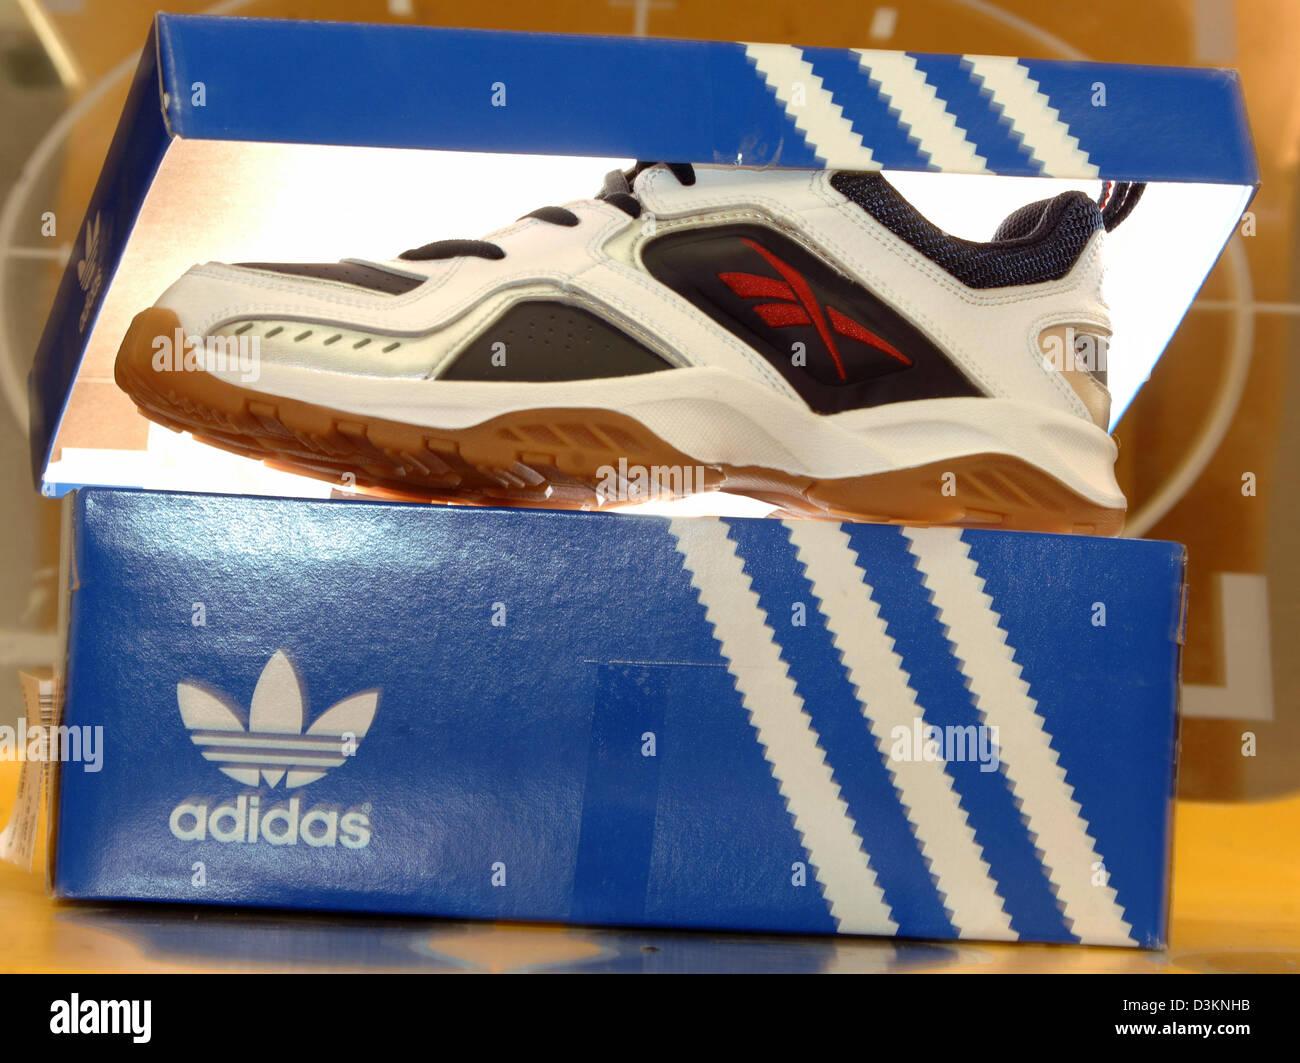 Dpa) zapatillas adidas Originals stand en un estante en la